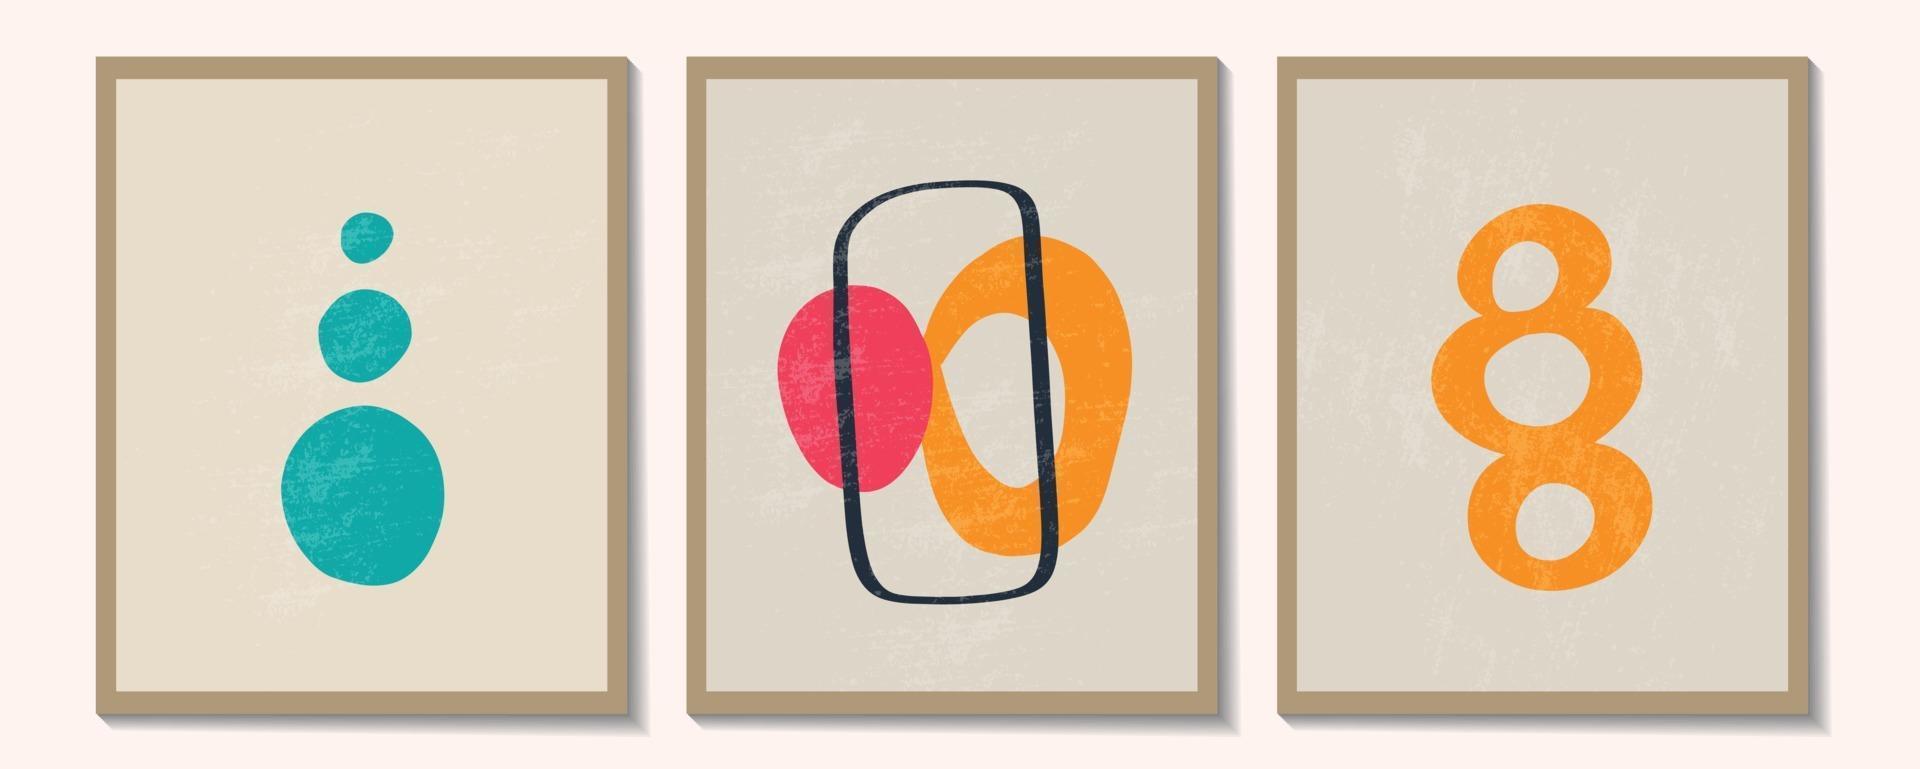 ensemble contemporain à la mode de composition peinte à la main artistique minimaliste géométrique créatif abstrait. affiches de vecteur pour la décoration murale dans un style vintage